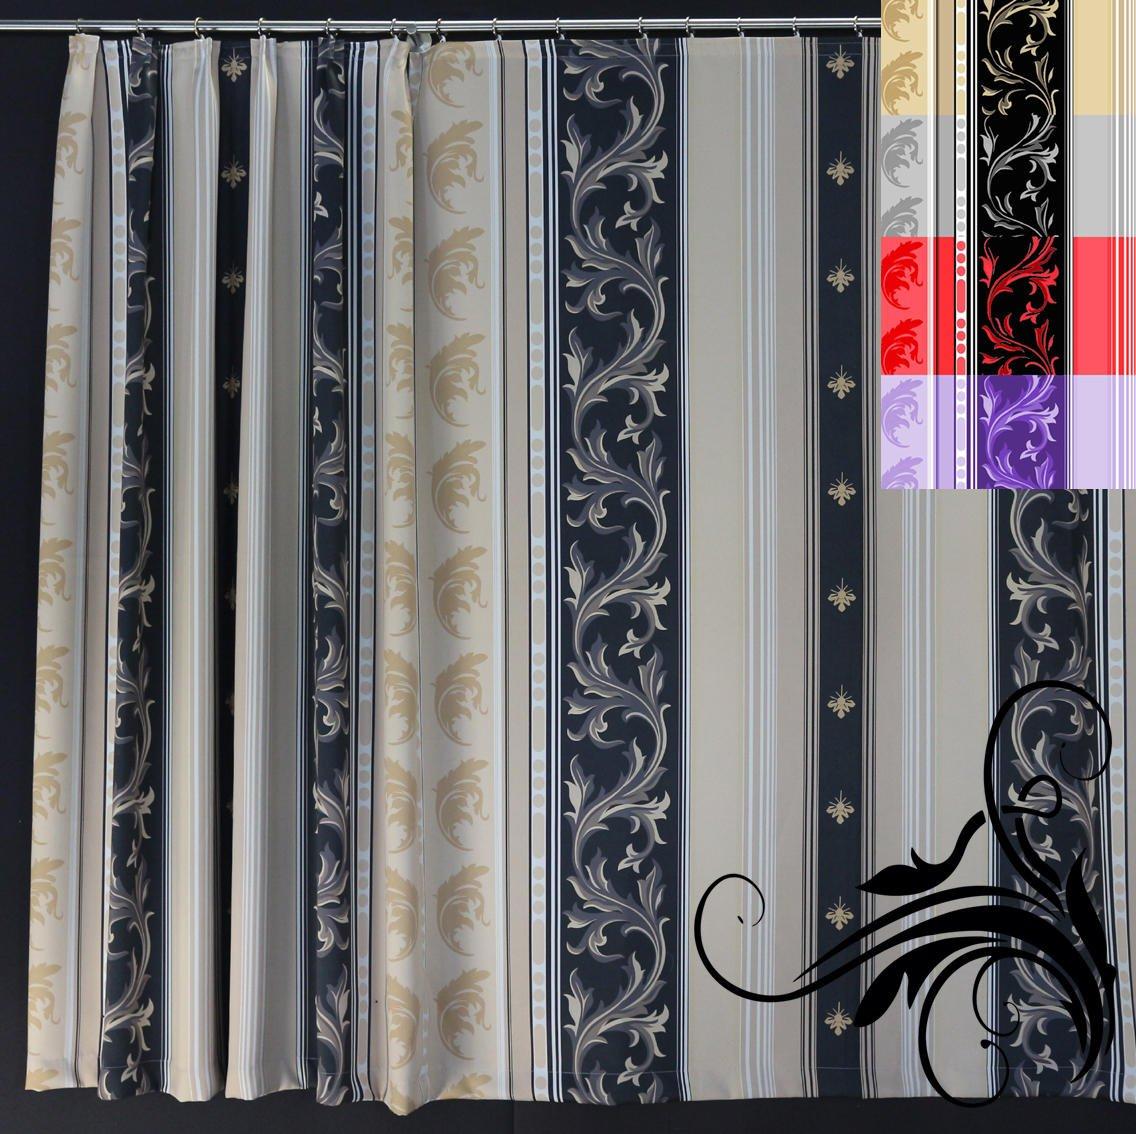 EASYHomefashion Vorhang Verdunkelungsvorhang Verdunkelungs Vorhänge Dekoschal Gardine Blickdicht schwarzout »Roma« (Größe wählbar), Farbe Gold-Schwarz, 250 x 290 cm (HöhexBreite)